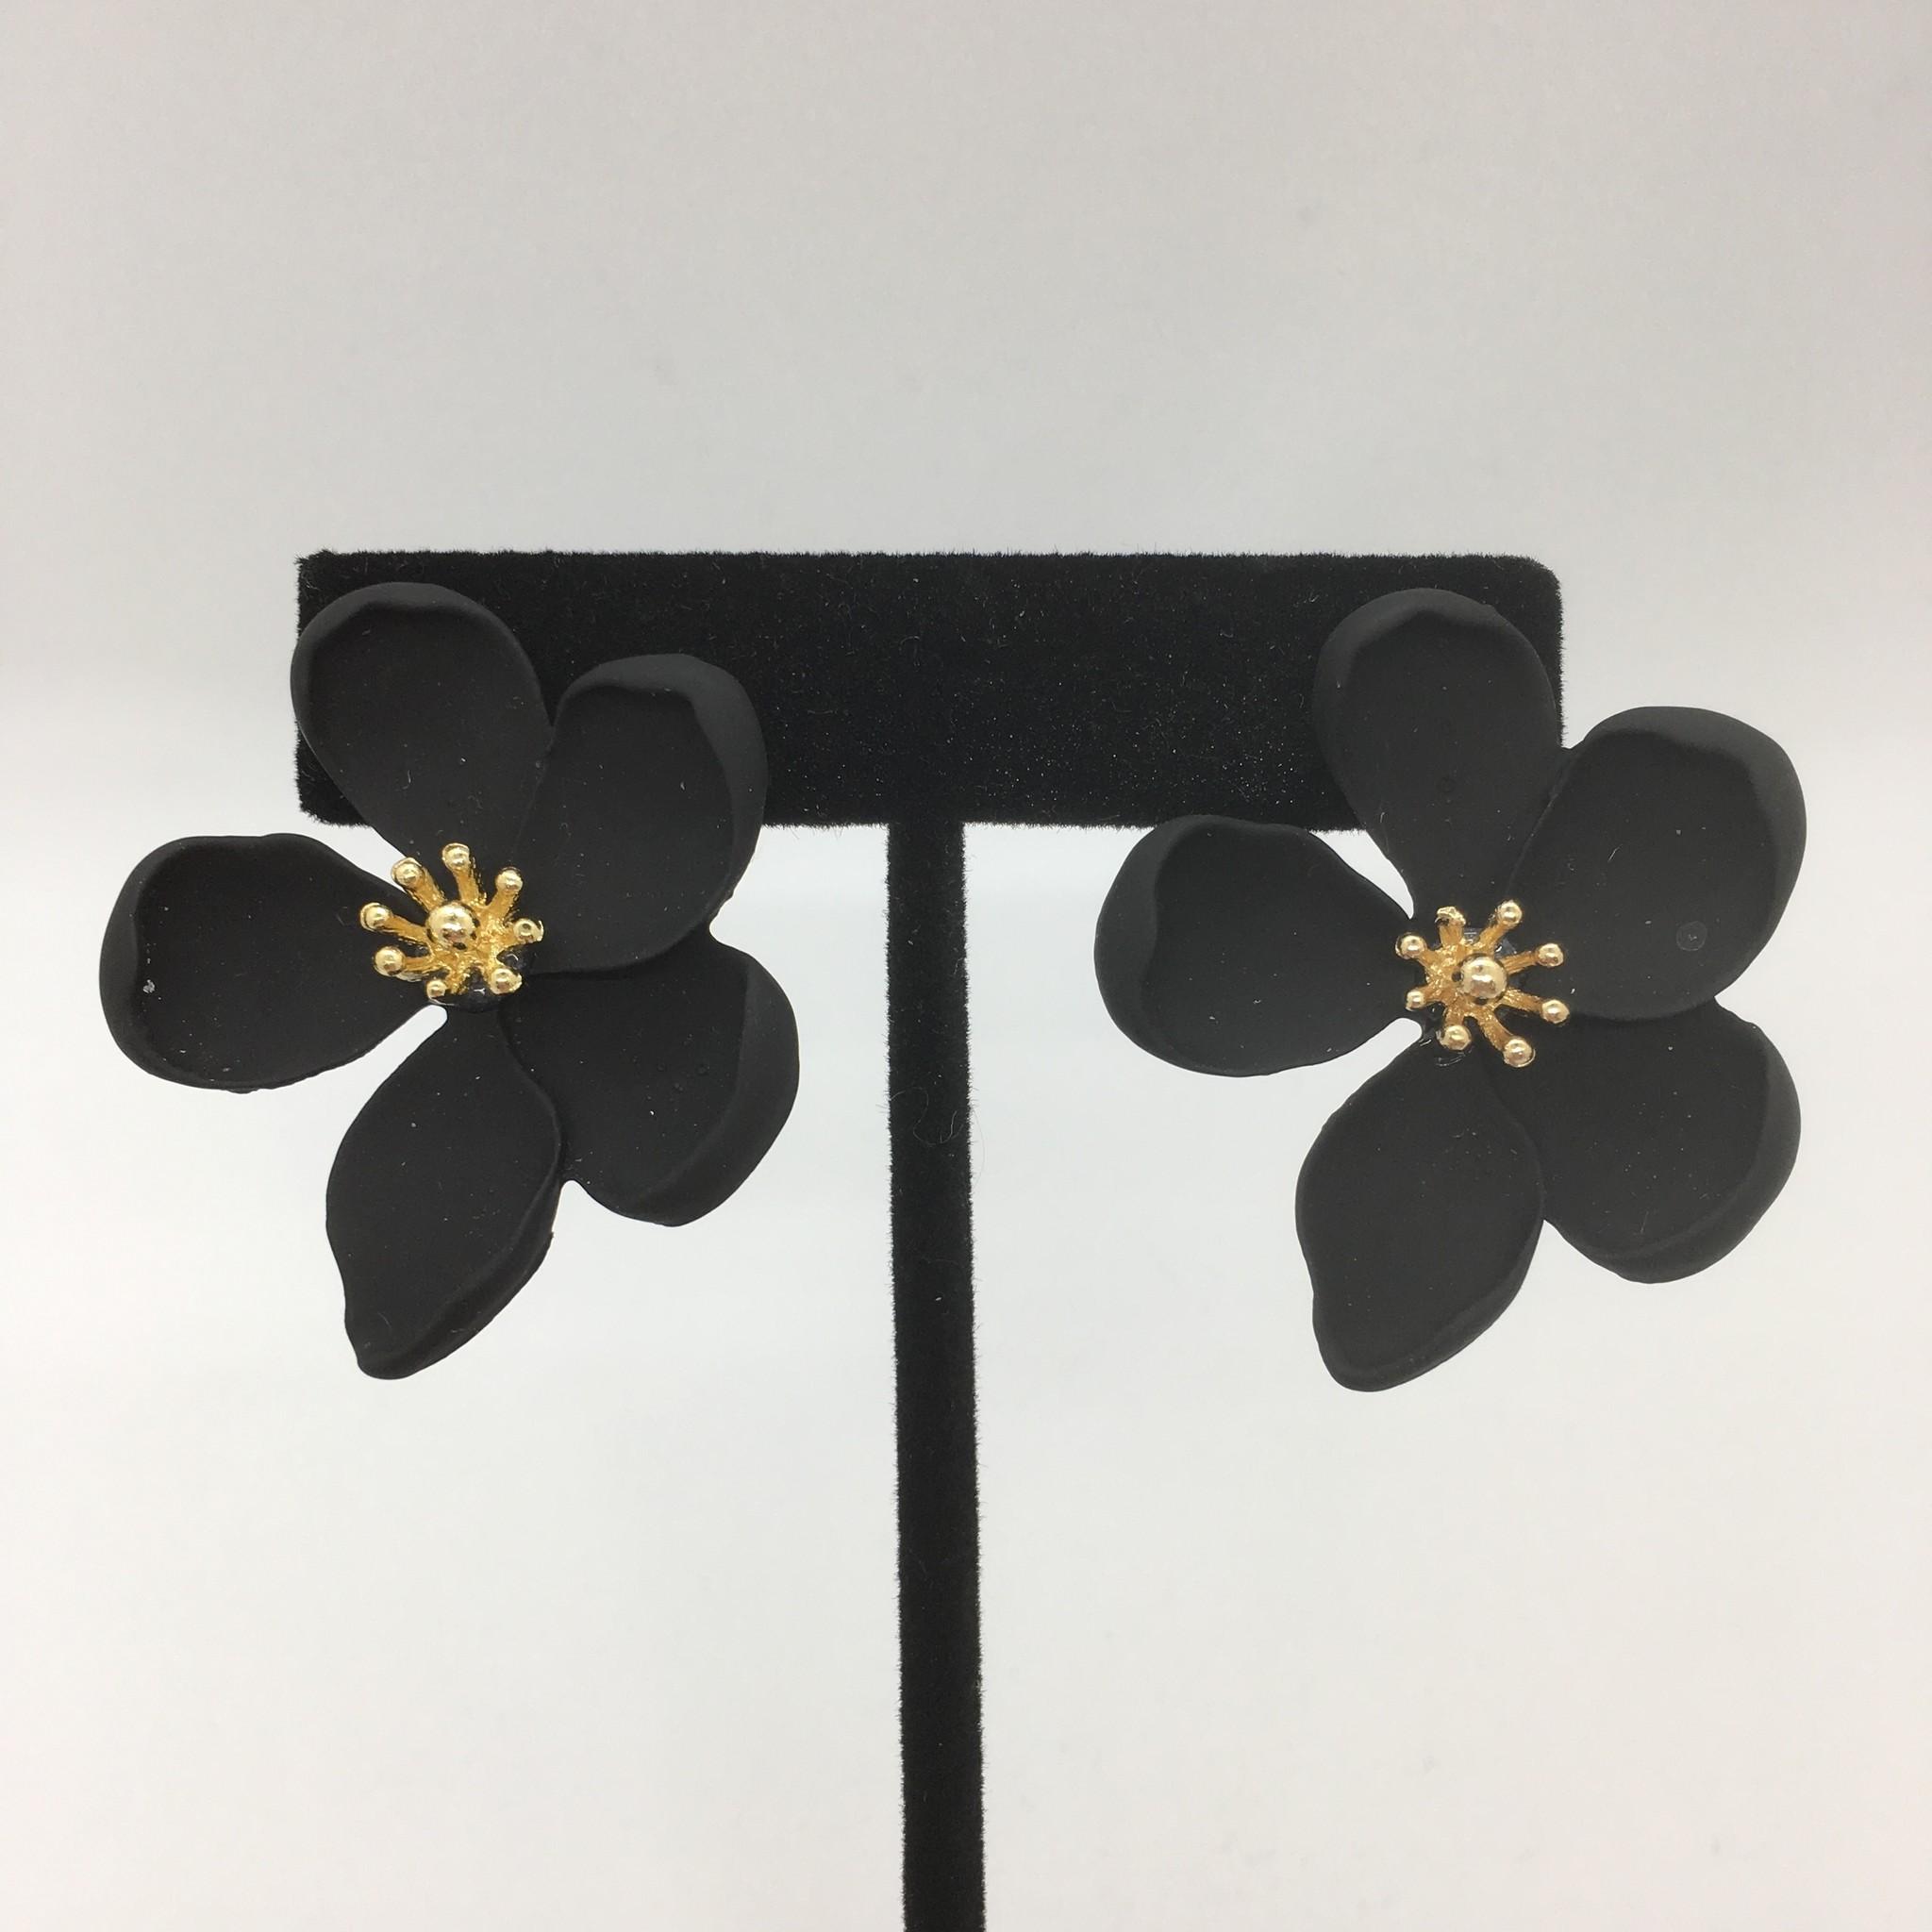 Sooley Designs Nerium Flower Earrings